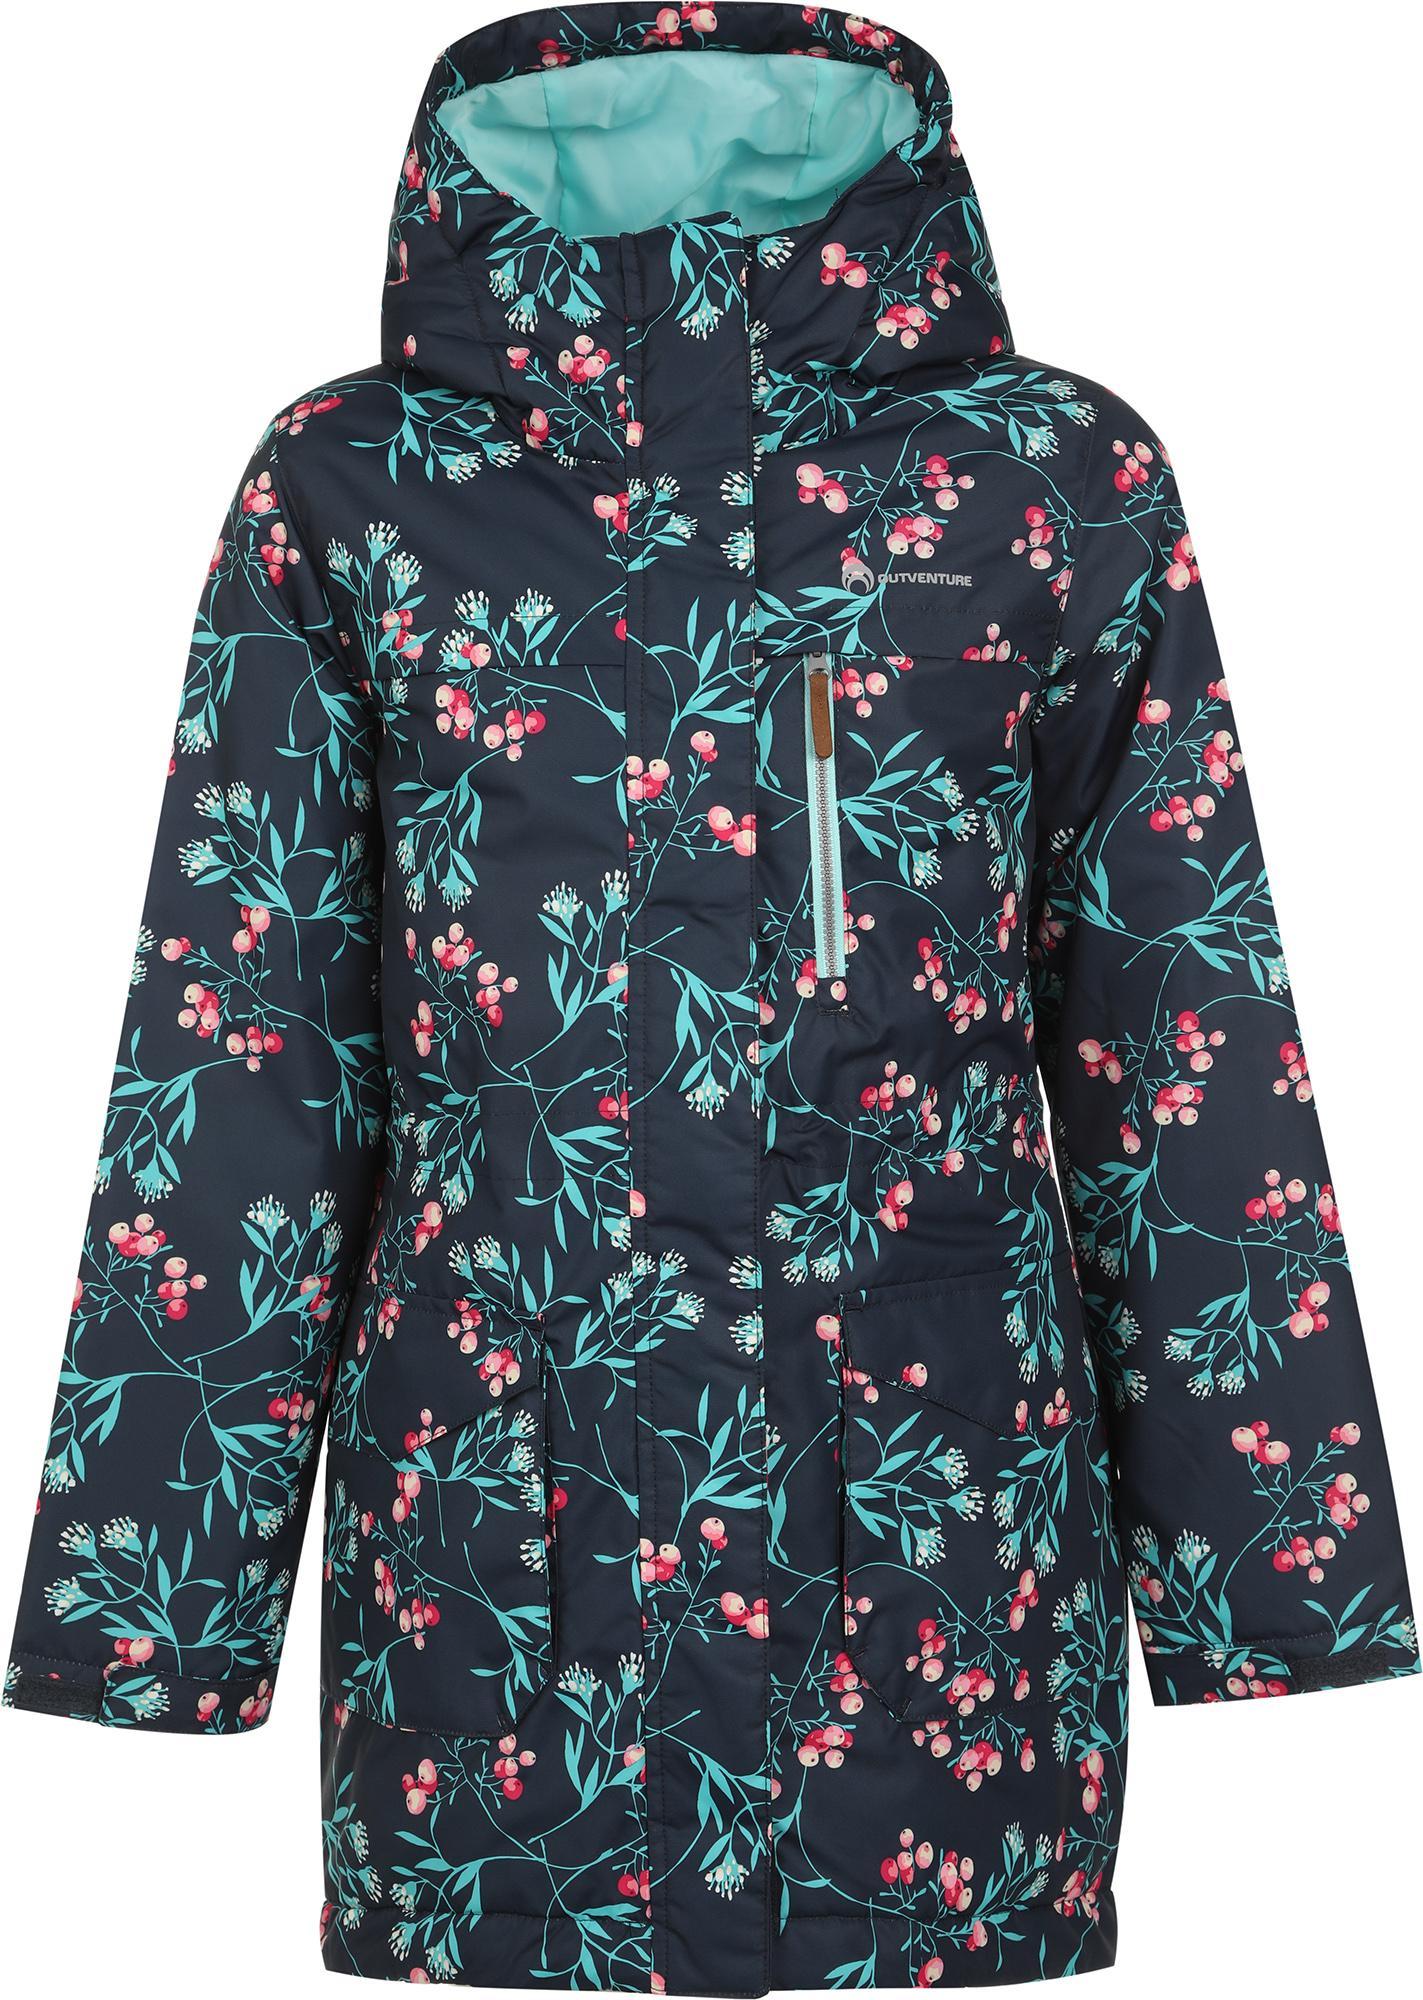 Фото - Outventure Куртка утепленная для девочек Outventure, размер 128 outventure куртка утепленная для девочек outventure размер 134